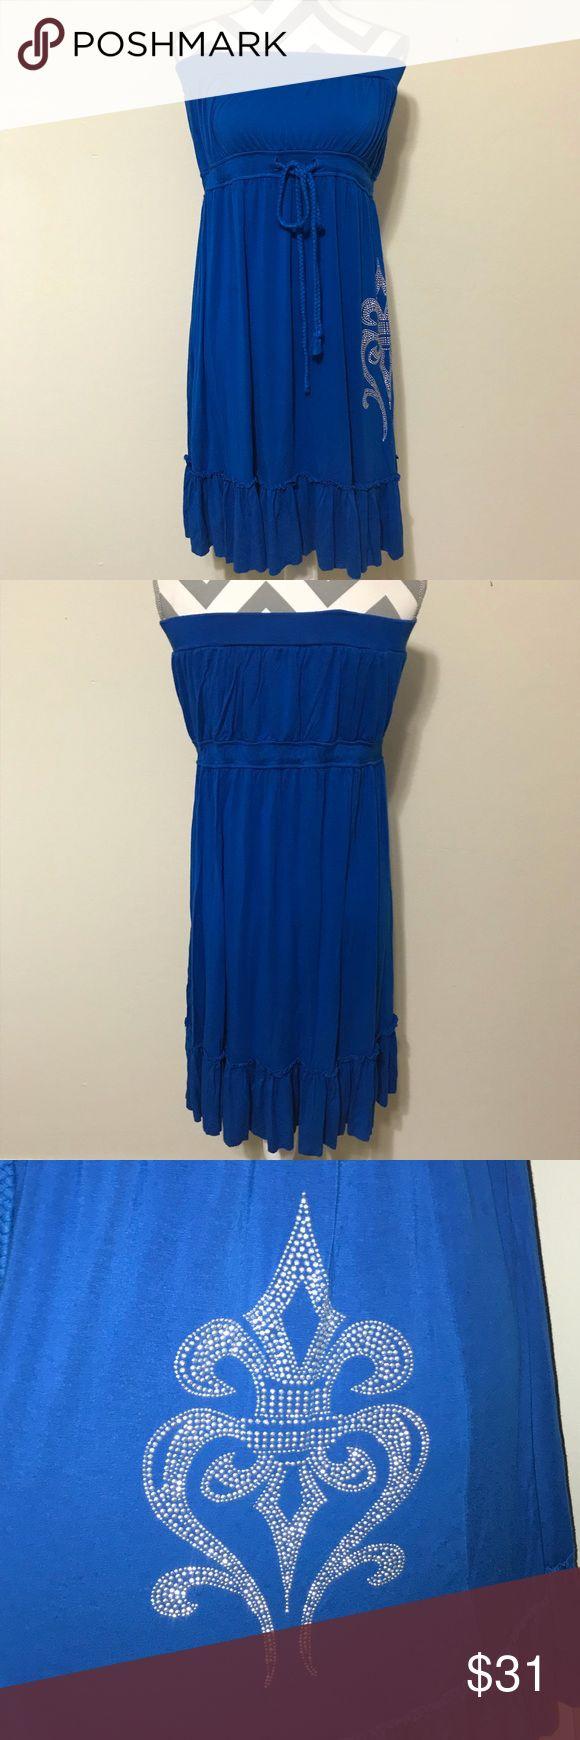 Euc Embellished Christina Love Xl Strapless Dress Embellished Dresses Clothes Design